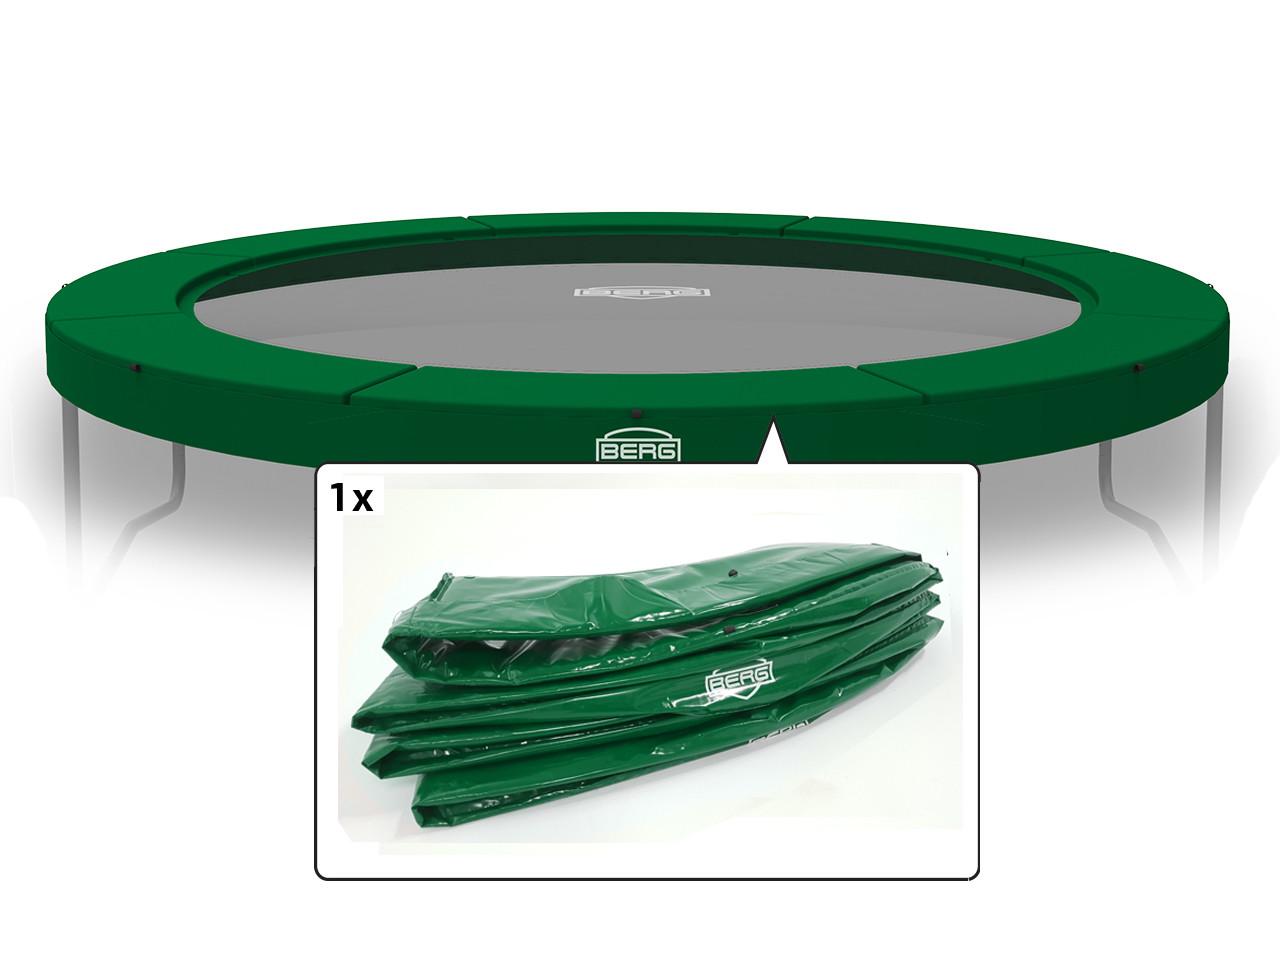 Elite - Padding green 330 (11 ft)